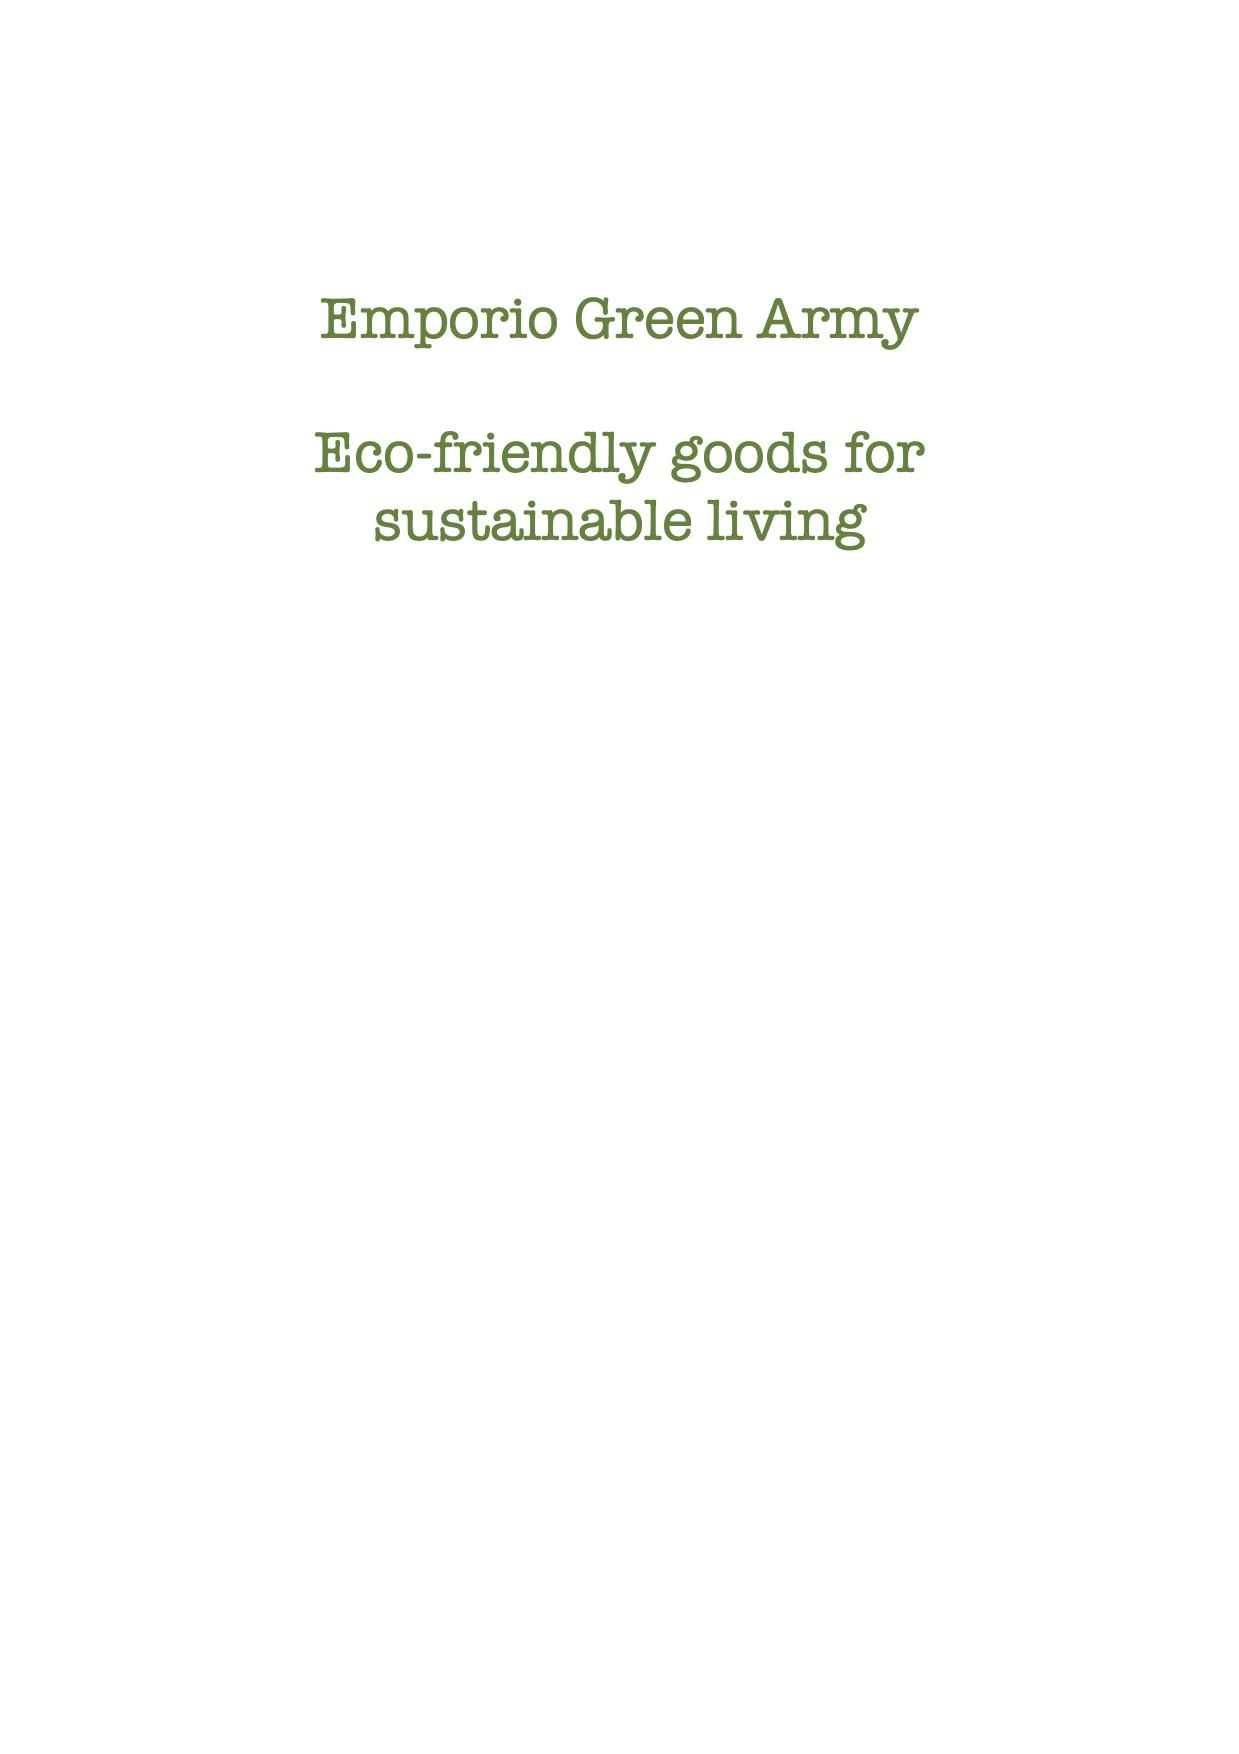 Emporio Green Army